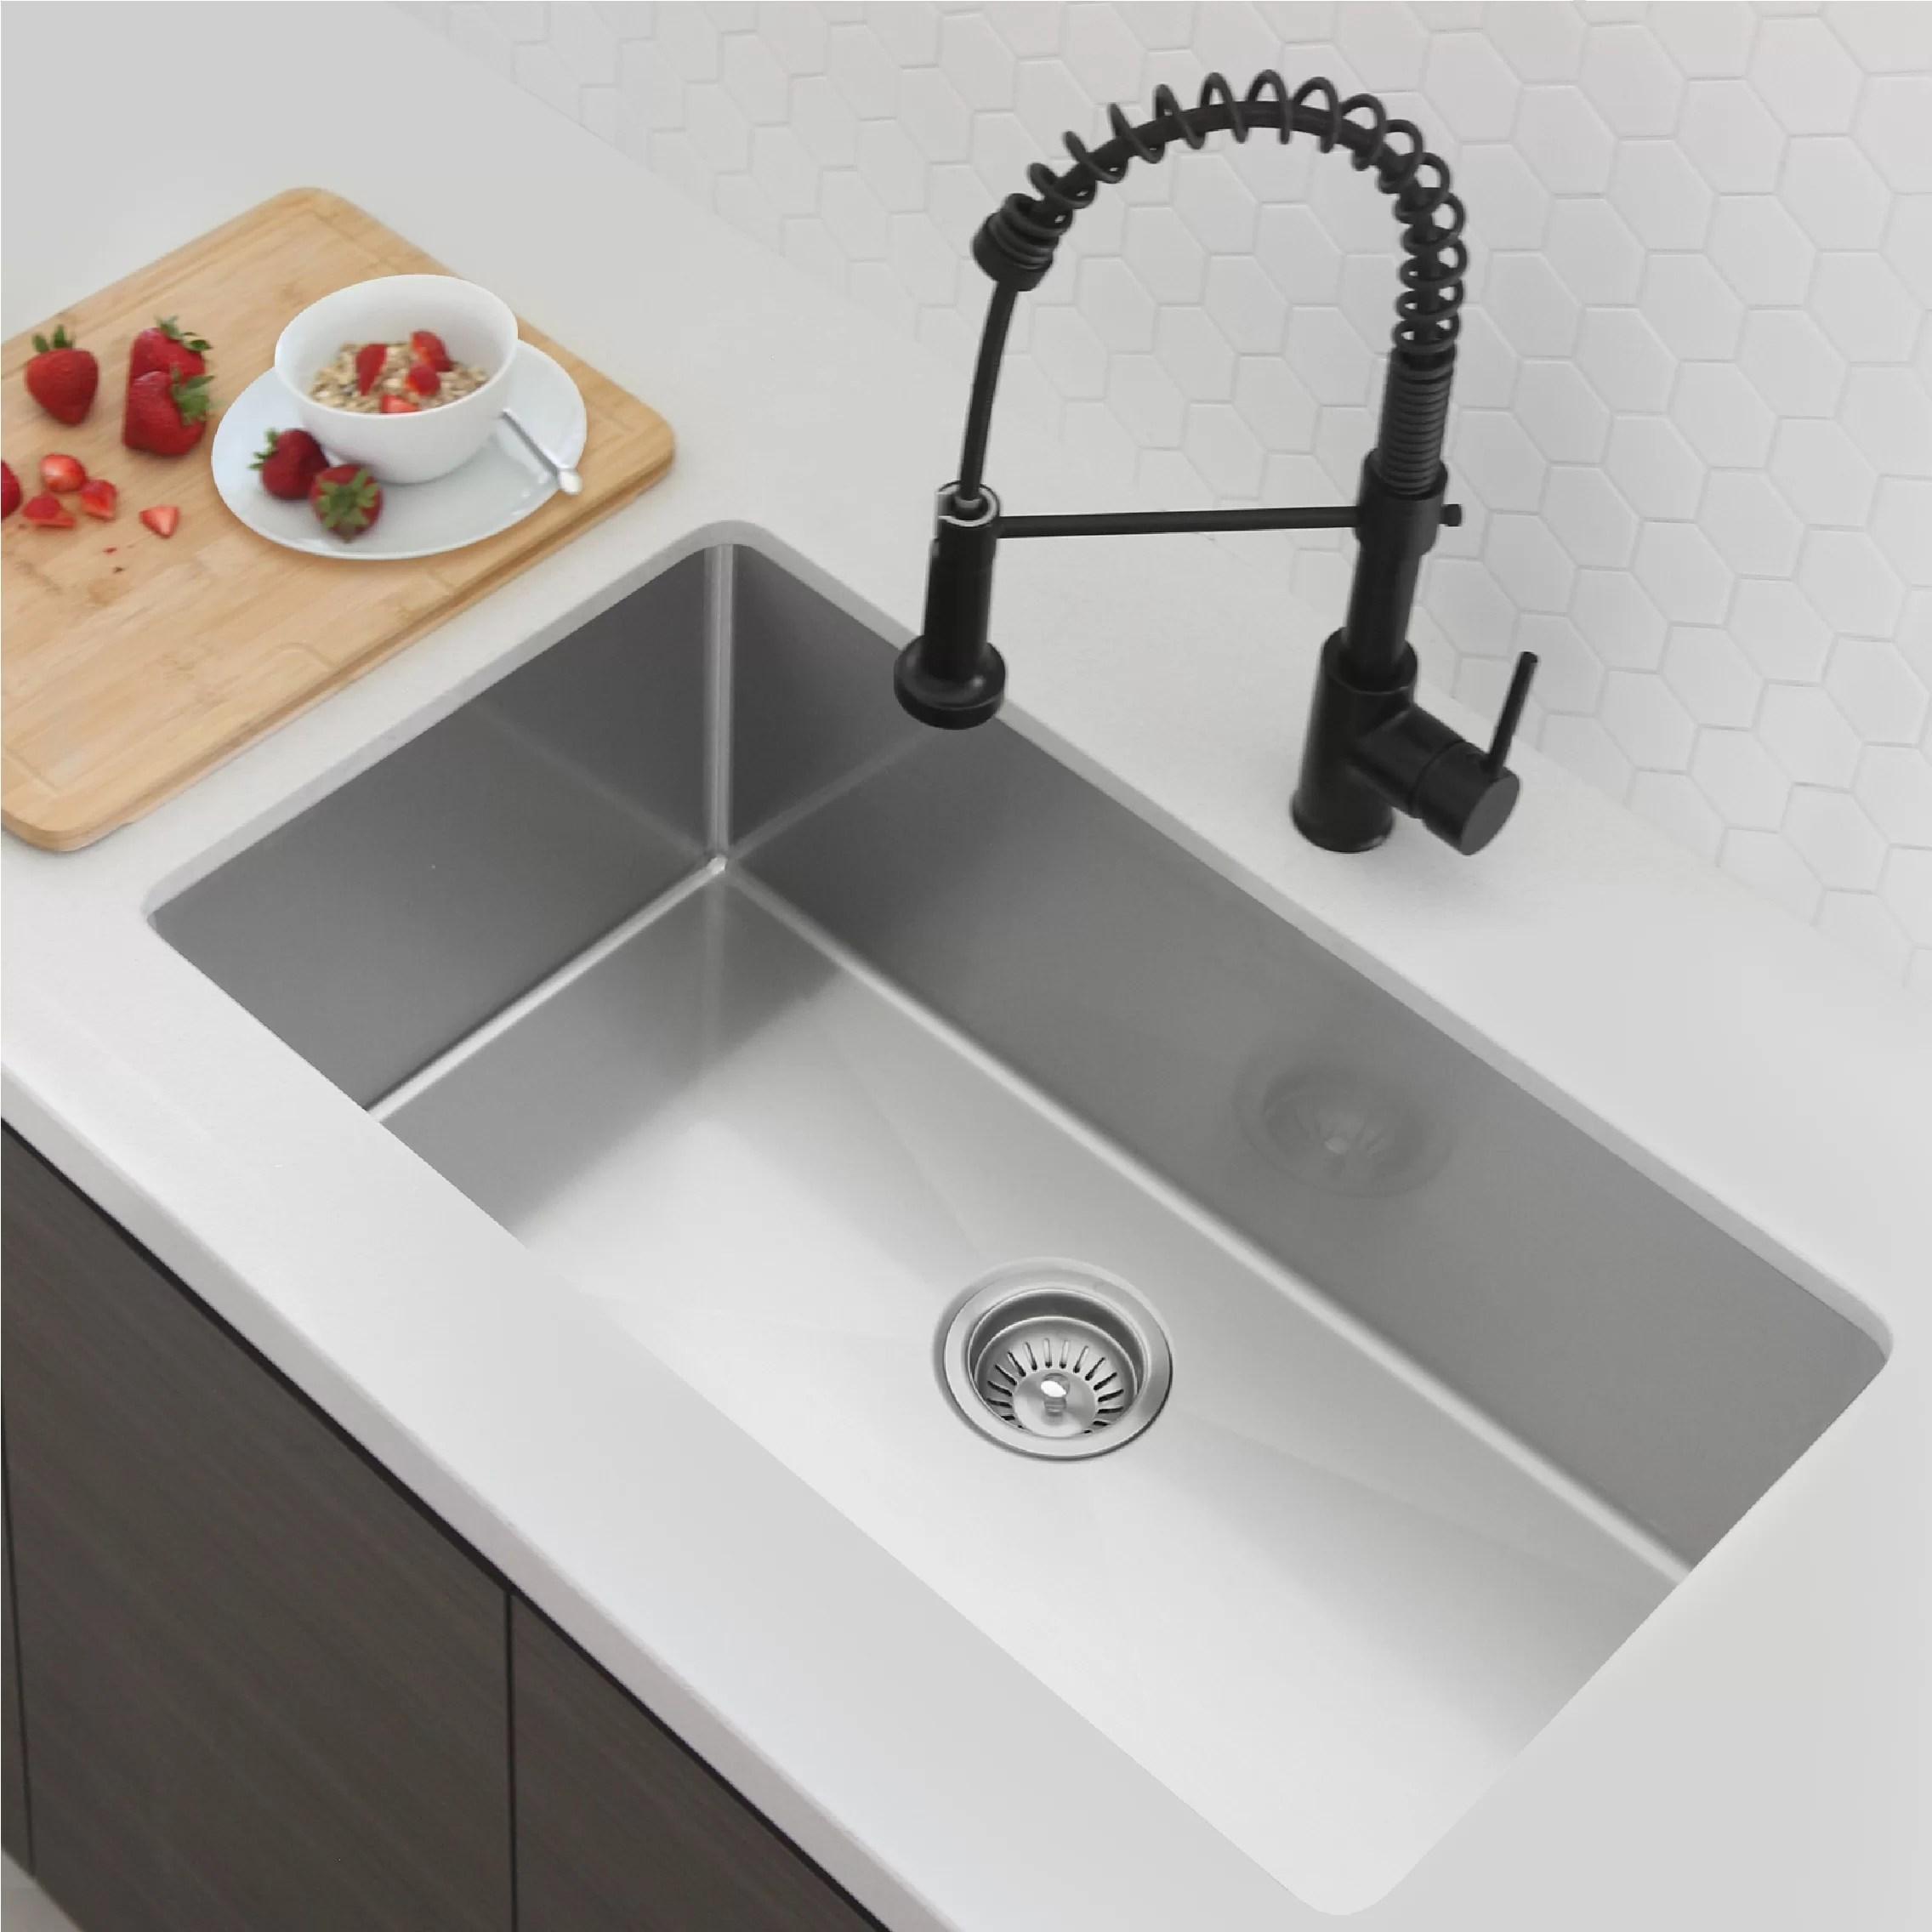 31 l x 18 w single basin undermount kitchen sink with strainer